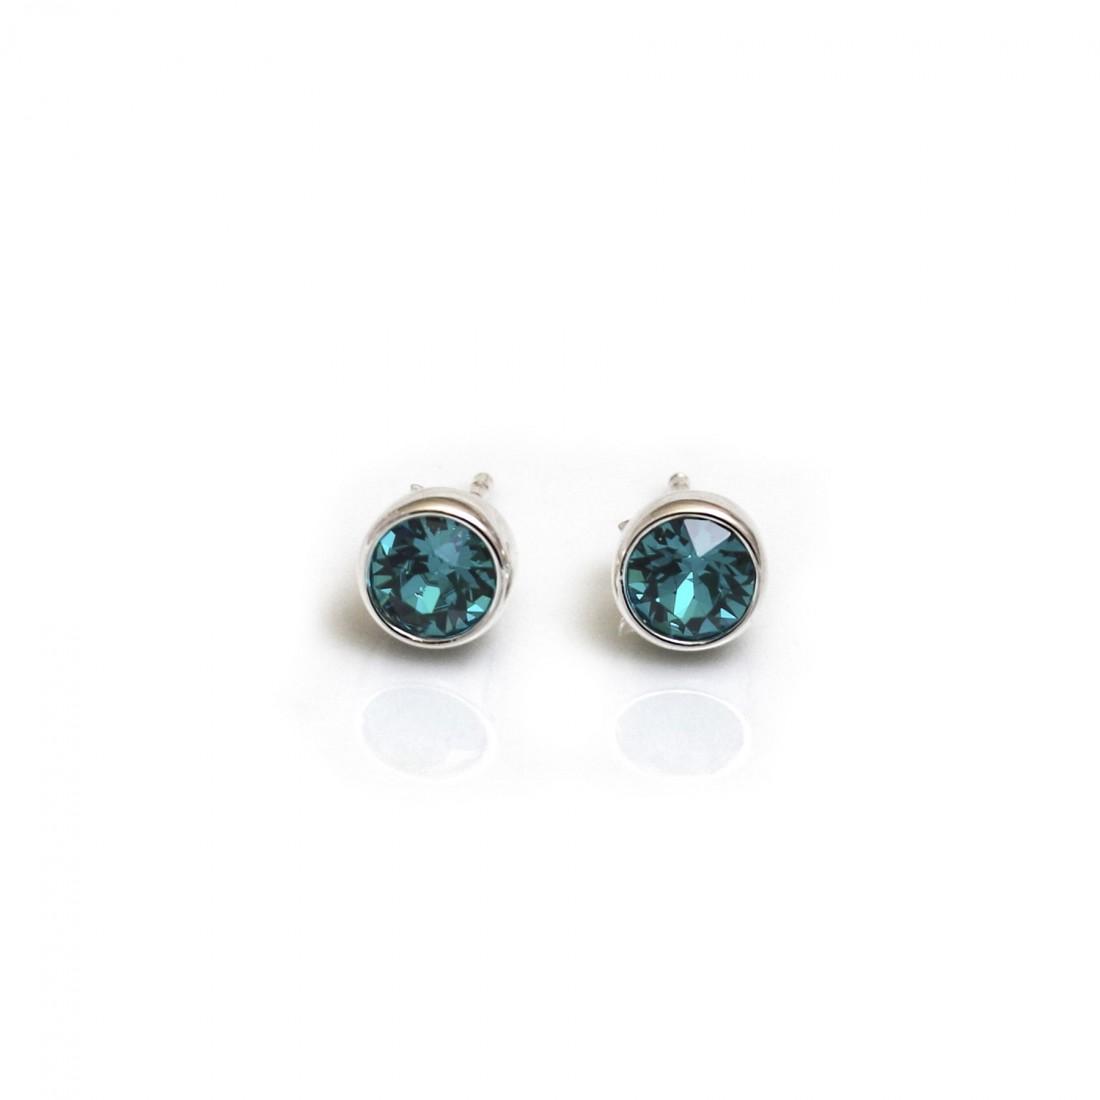 December Birthstone - Blue Zirconia Stud Earrings